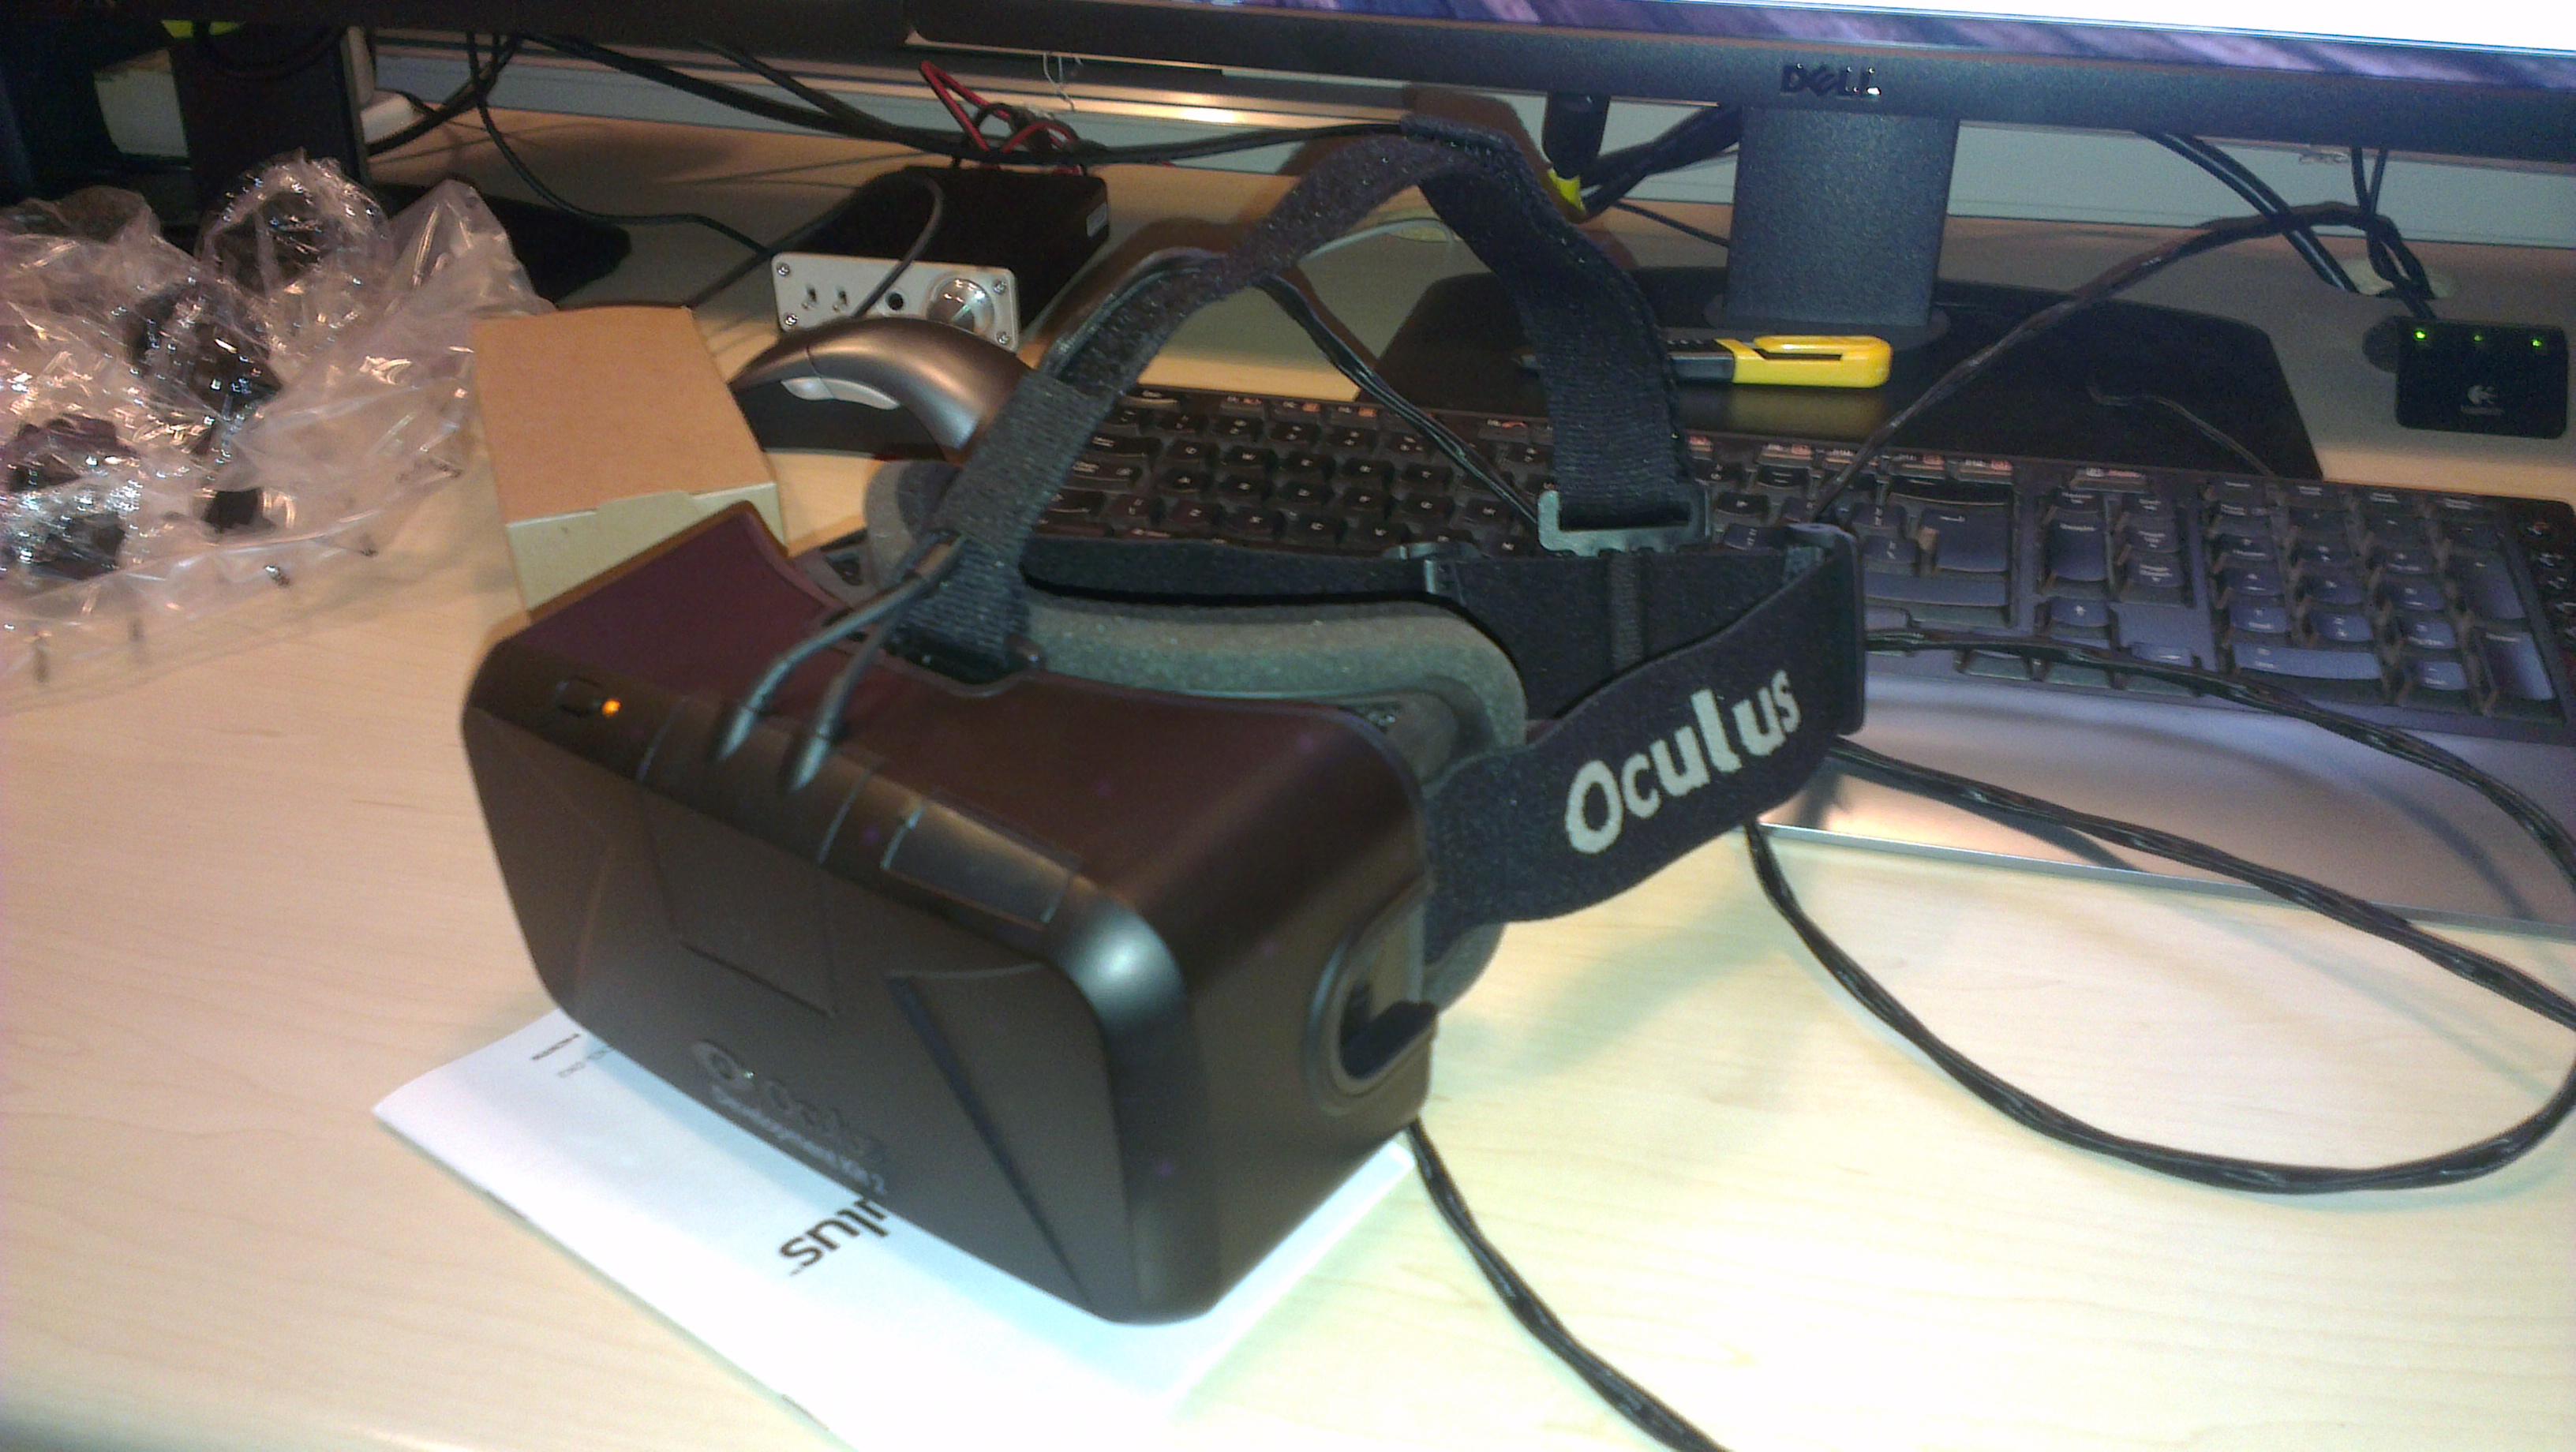 The Oculus Rift DK2.